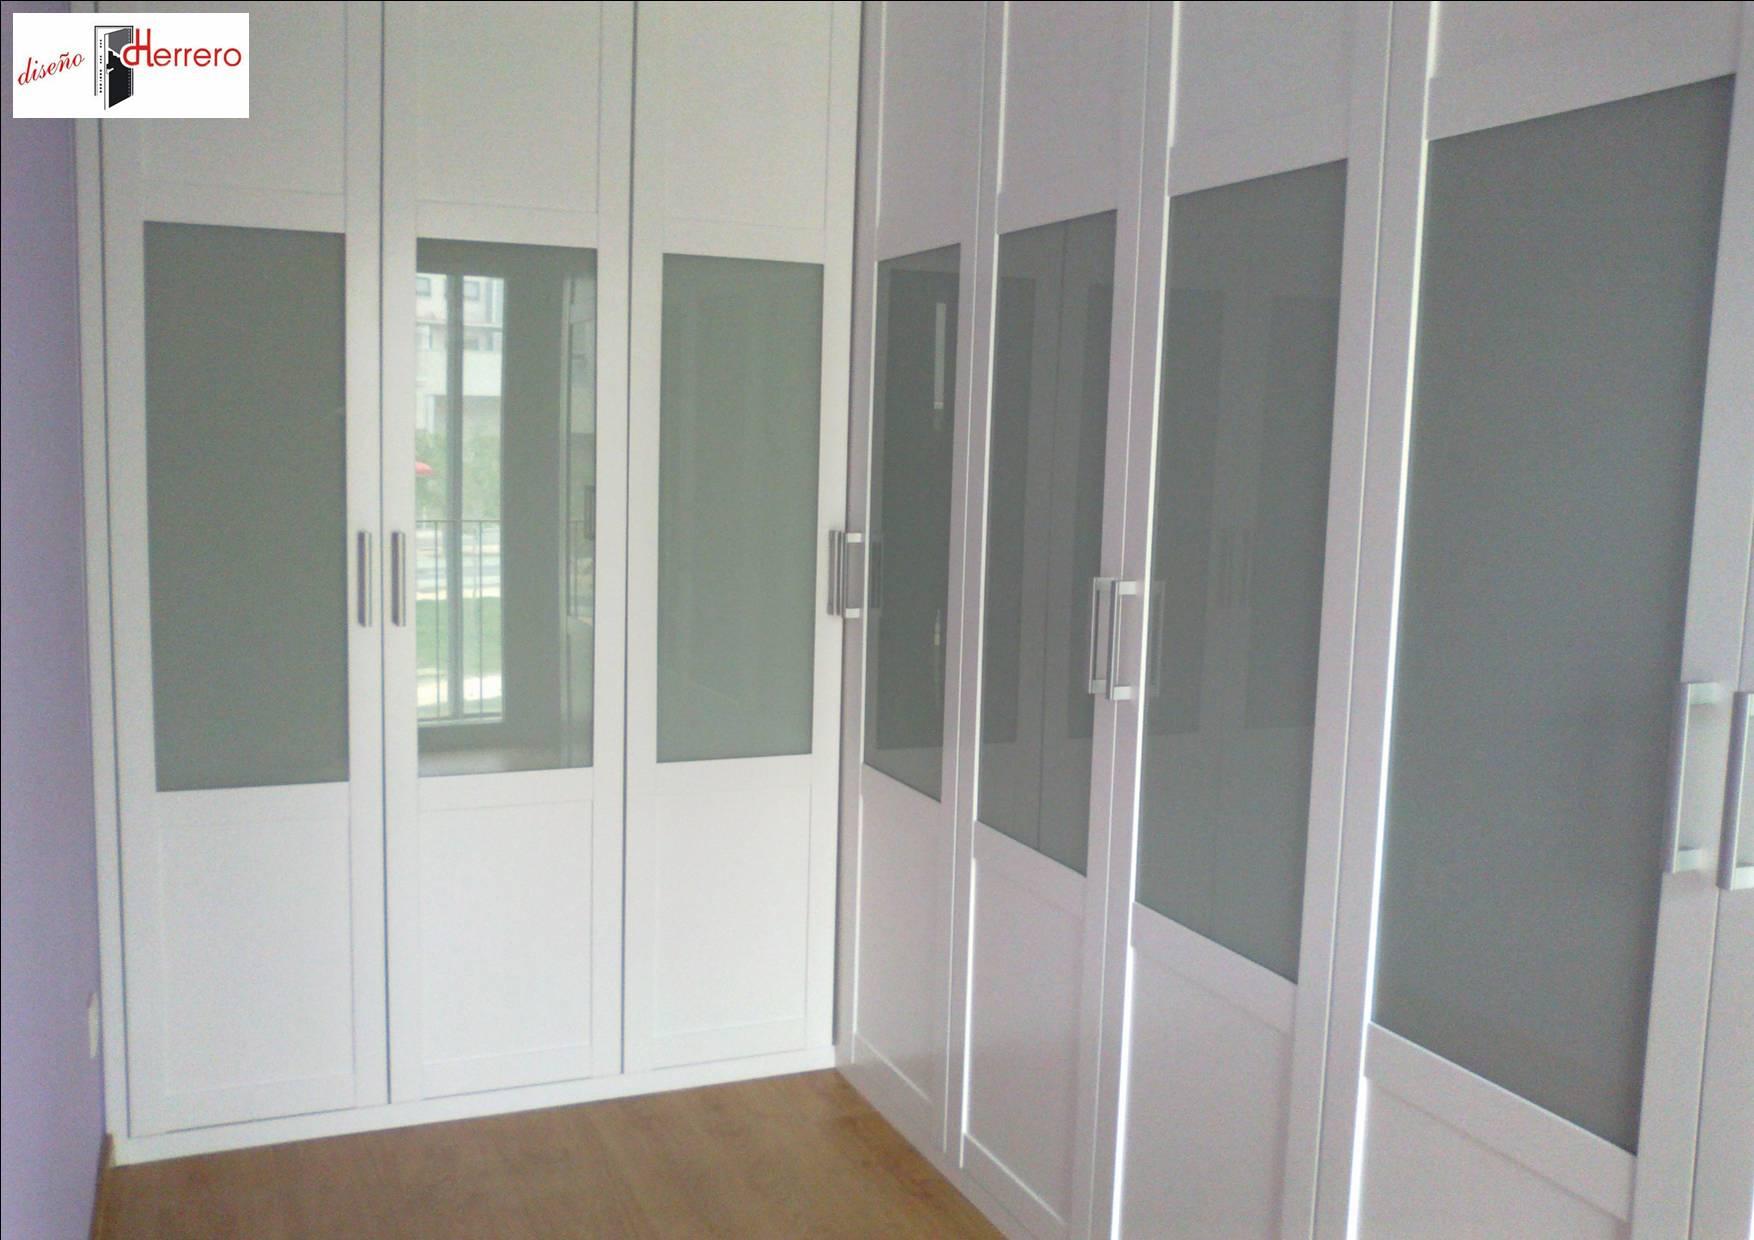 Mi casa decoracion vestir armario empotrado en ikea - Interior de armarios ikea ...